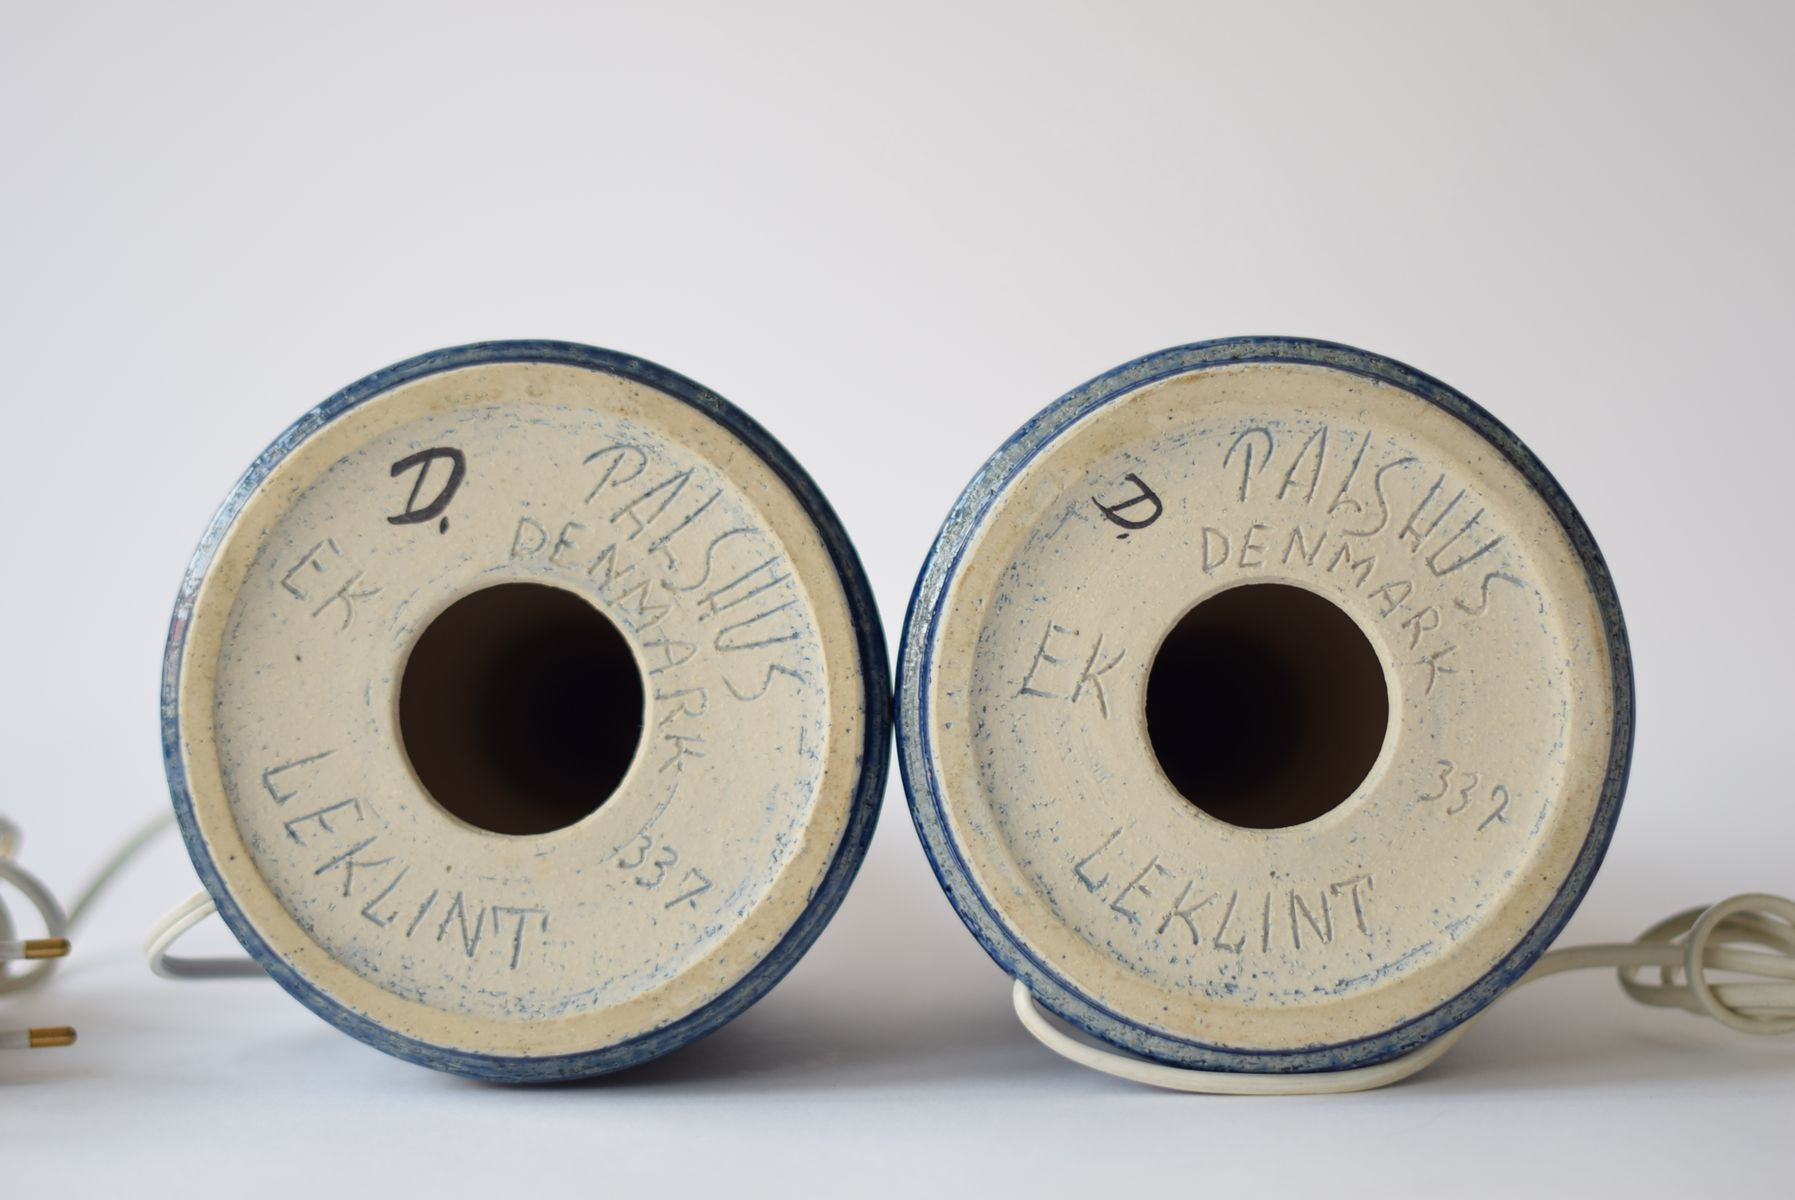 lampes de bureau bleues scandinaves par esben klint pour palshus 1960s set de 2 7 Résultat Supérieur 60 Beau Lampe De Bureau Vintage Photos 2018 Lok9